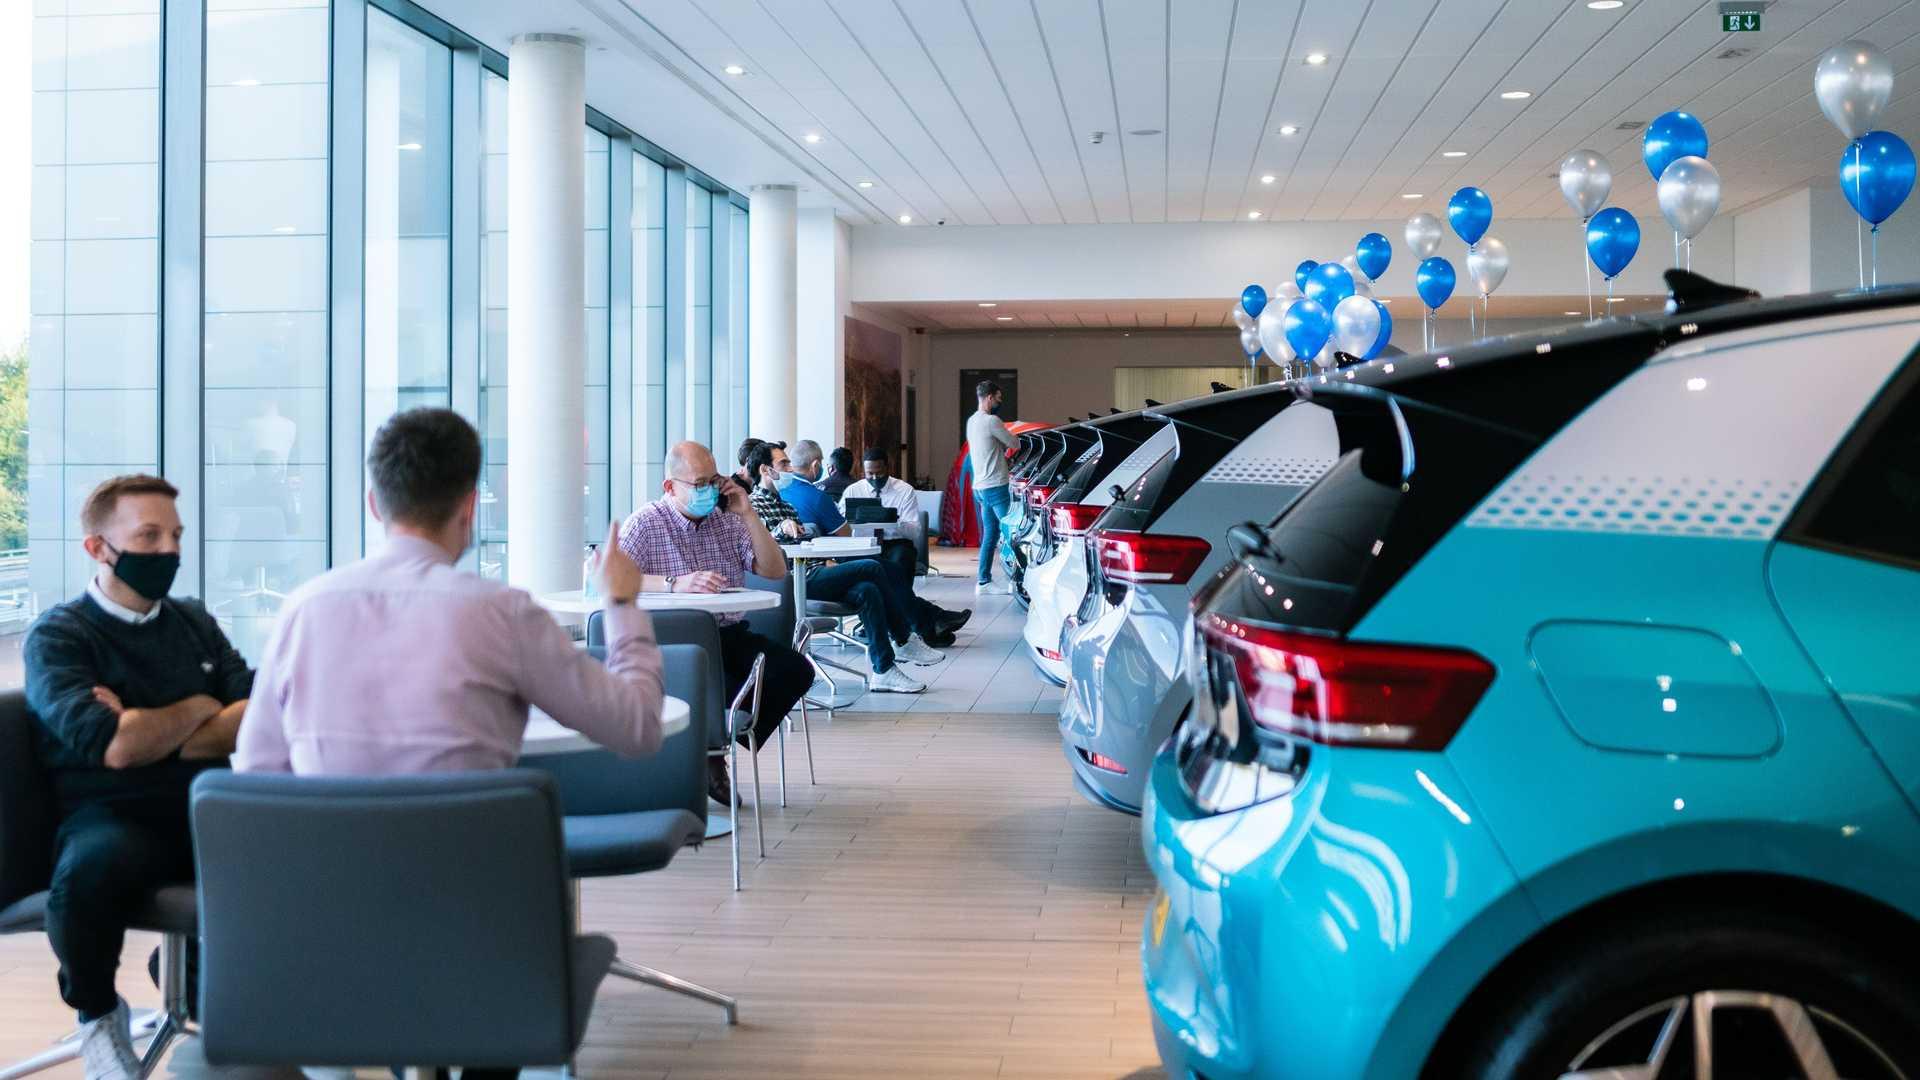 Αυτοκίνητα παρκαρισμένα σε εκθεσιακό χώρο και άνθρωποι πίνουν καφέ